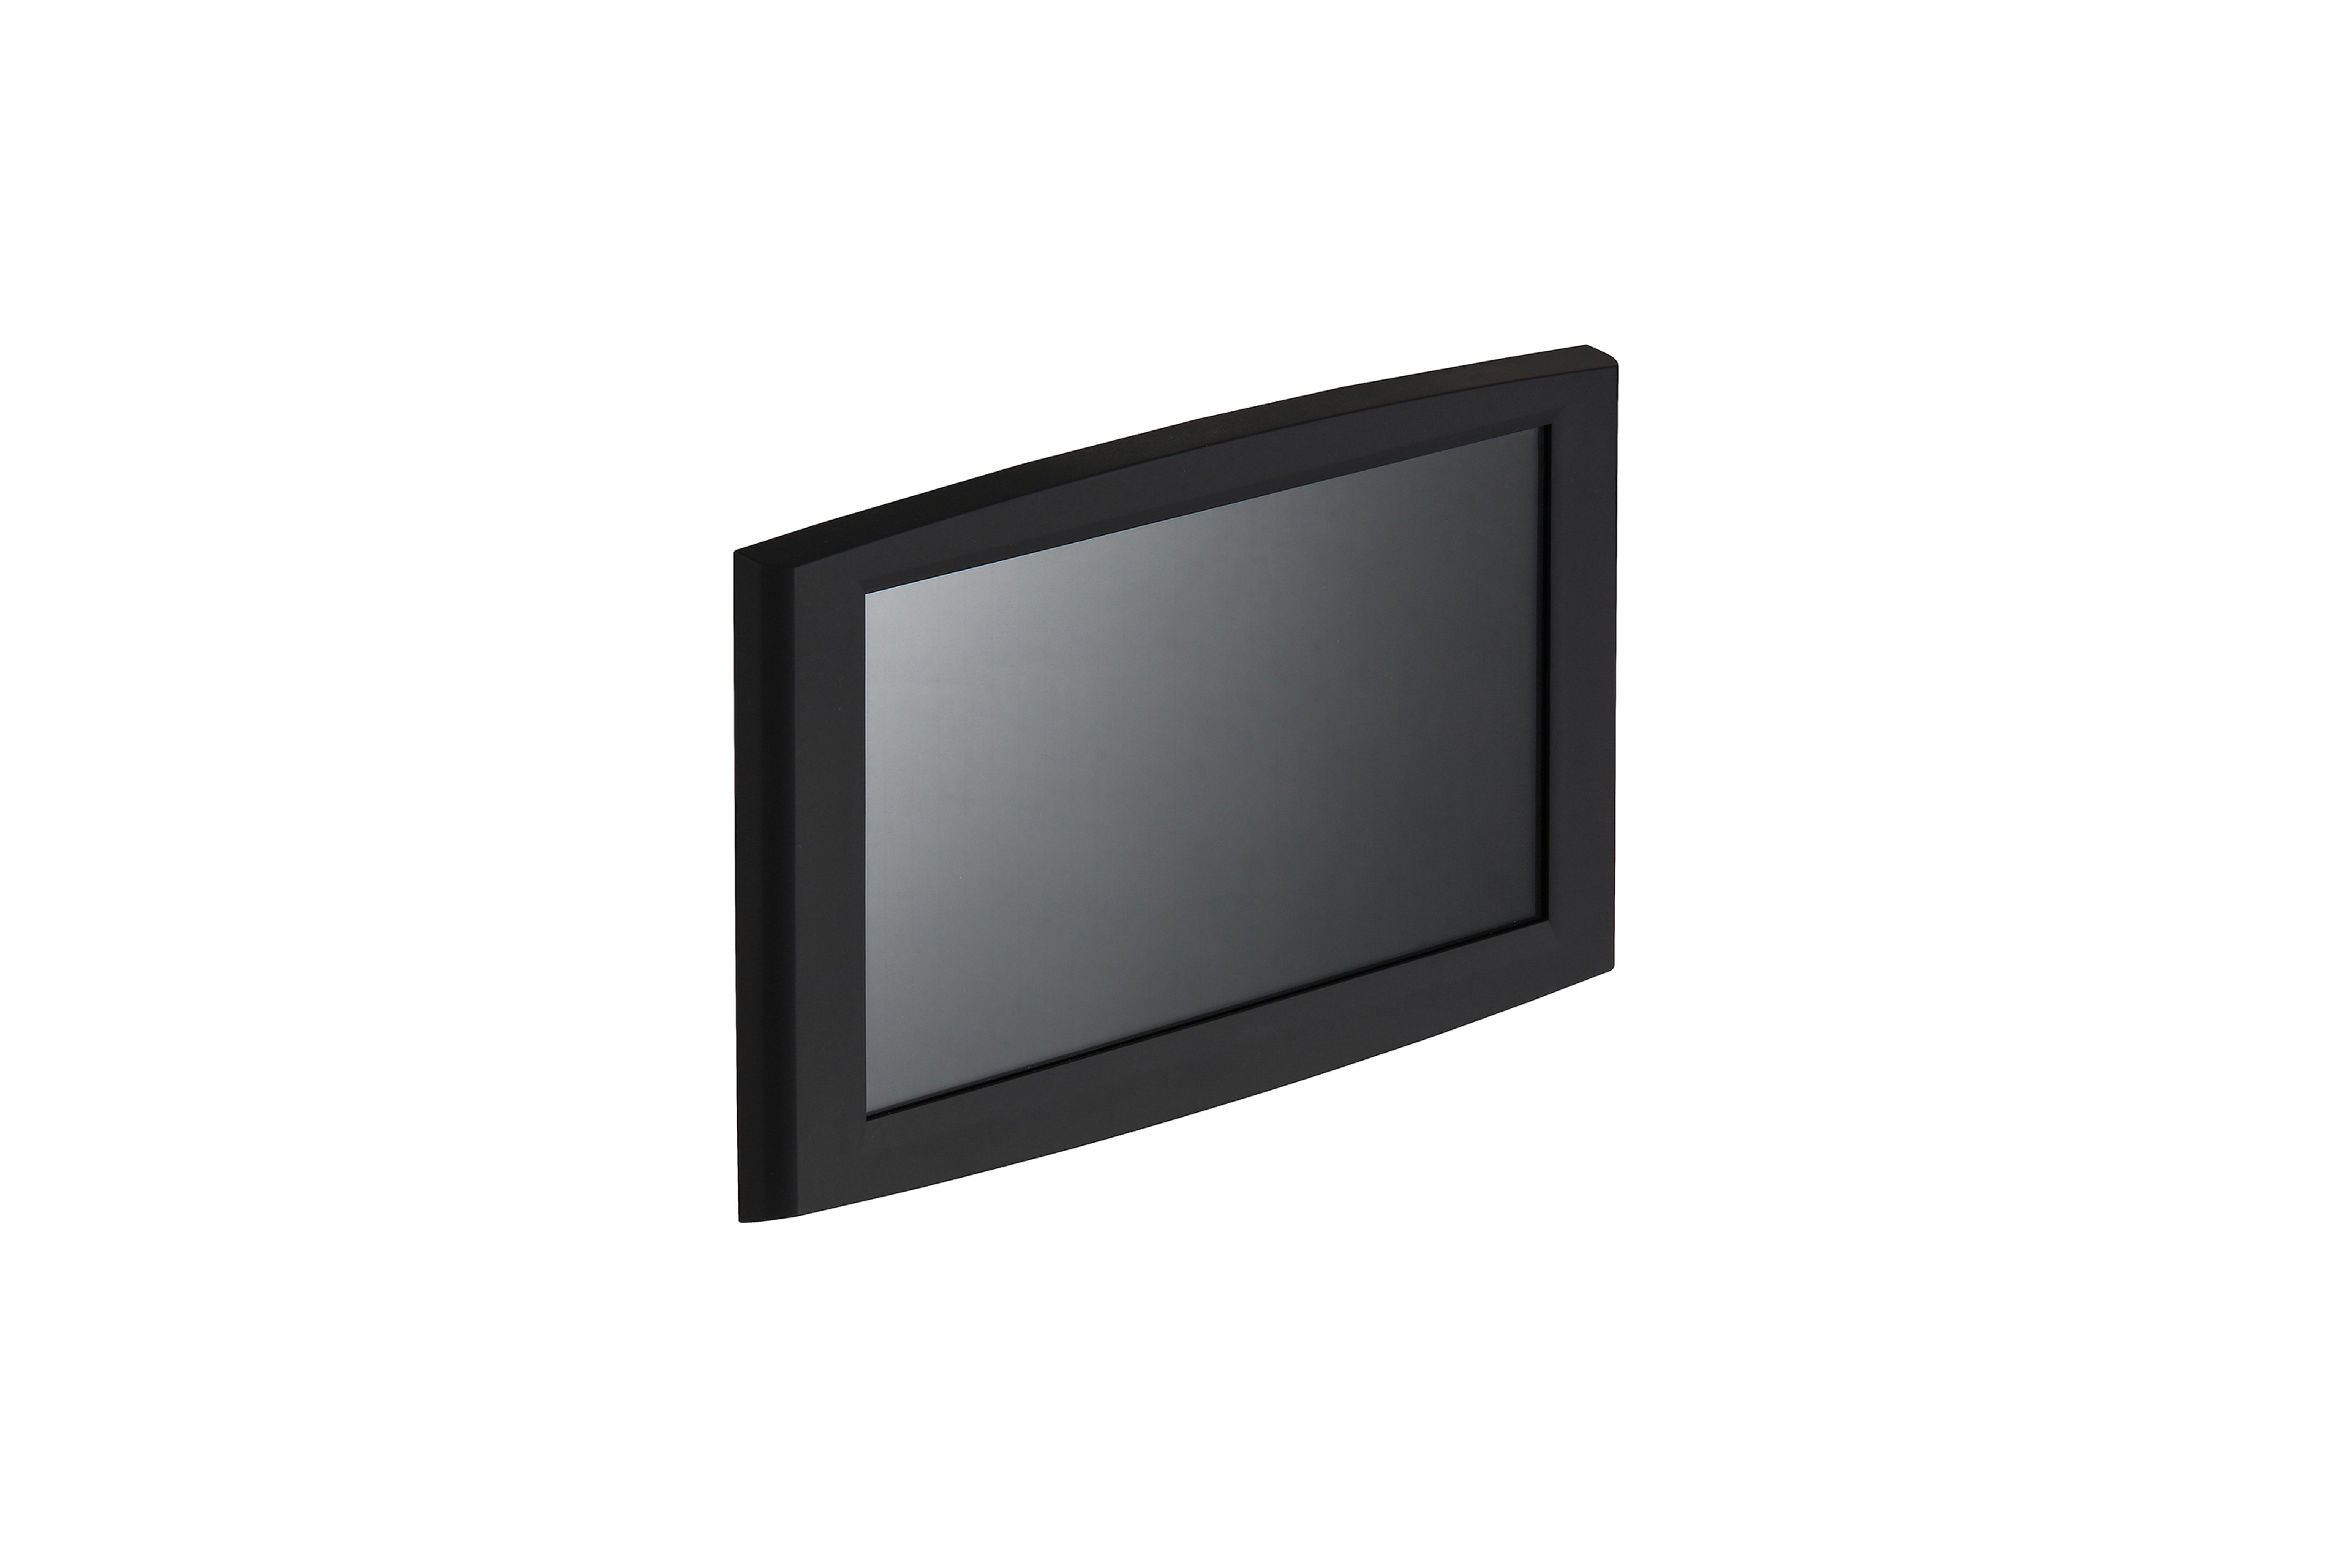 7キャップタッチベータTM1 HB6 MICROSD STD